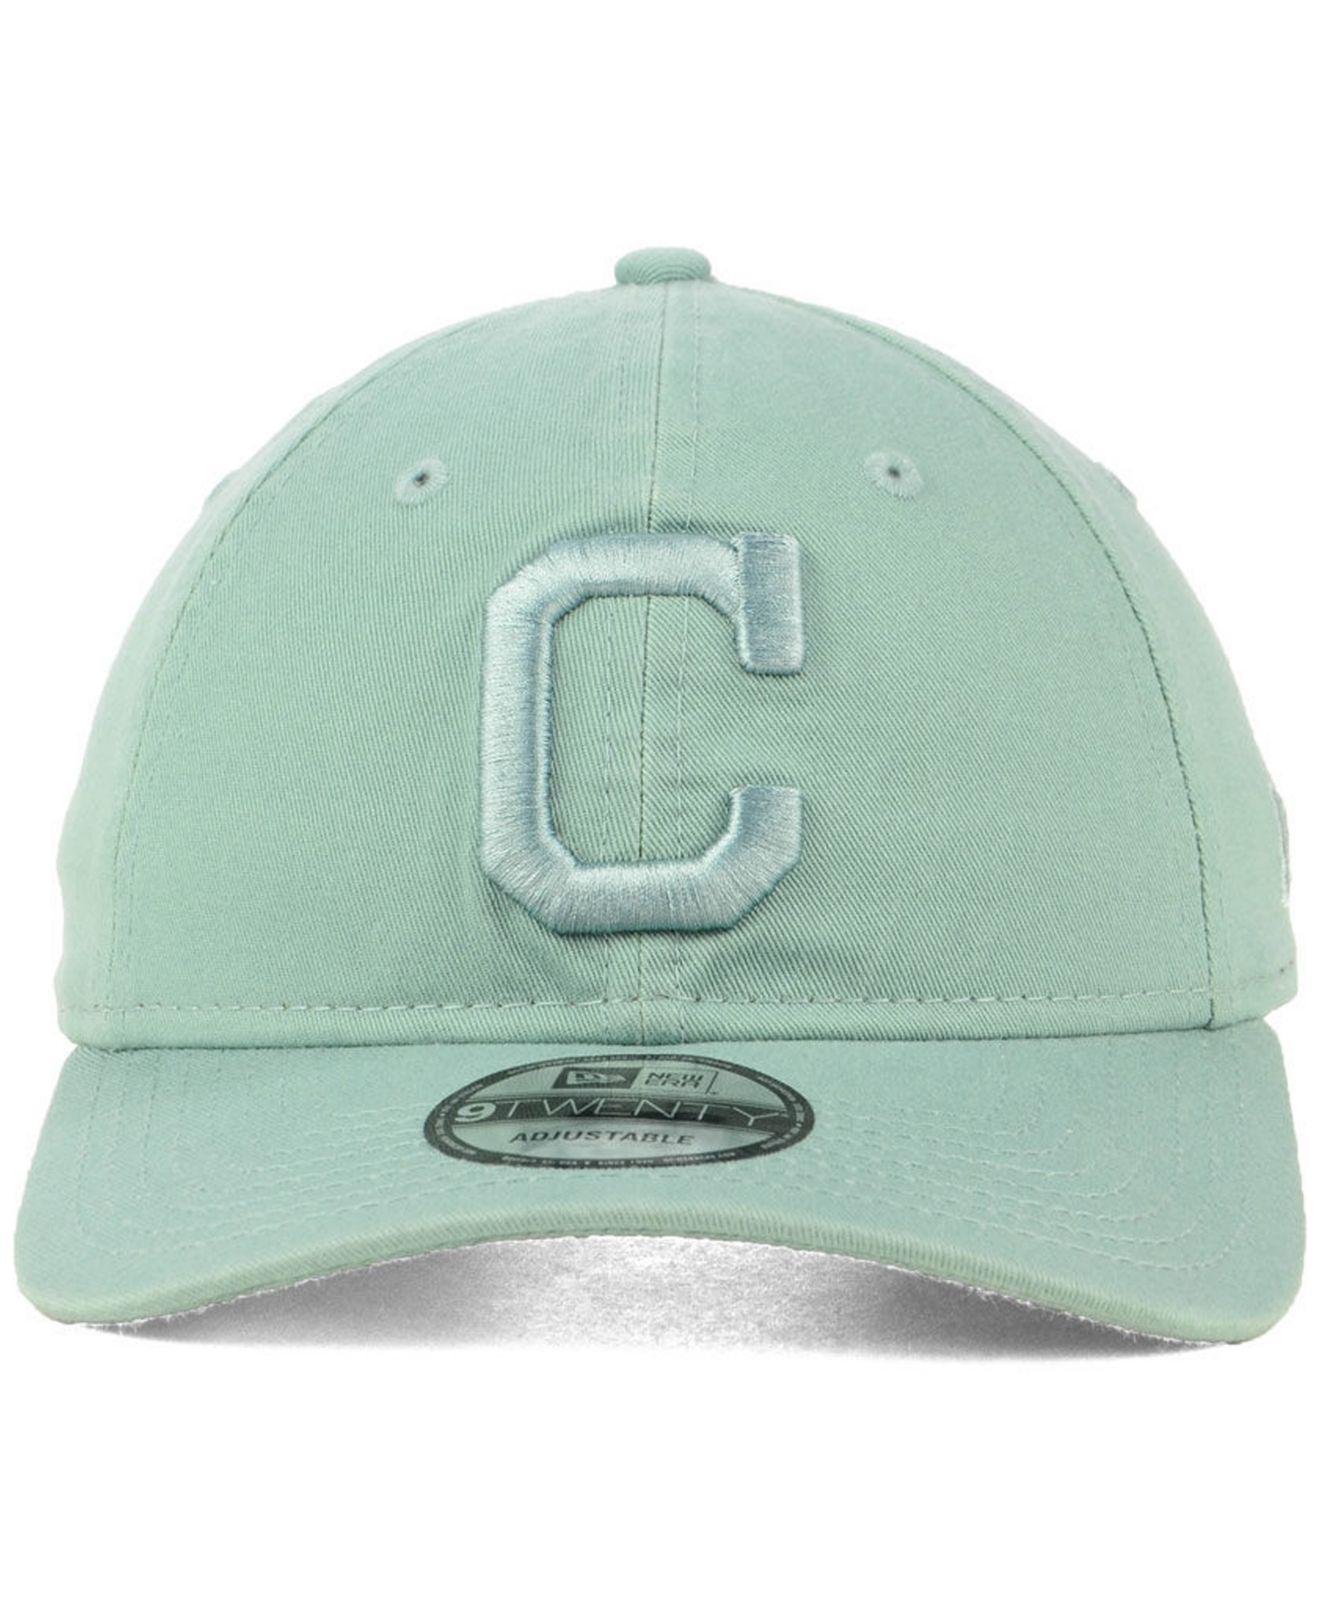 wholesale dealer 67eaf 0f806 ... coupon code for lyst ktz cleveland indians spring classic 9twenty cap  in blue for men 786d3